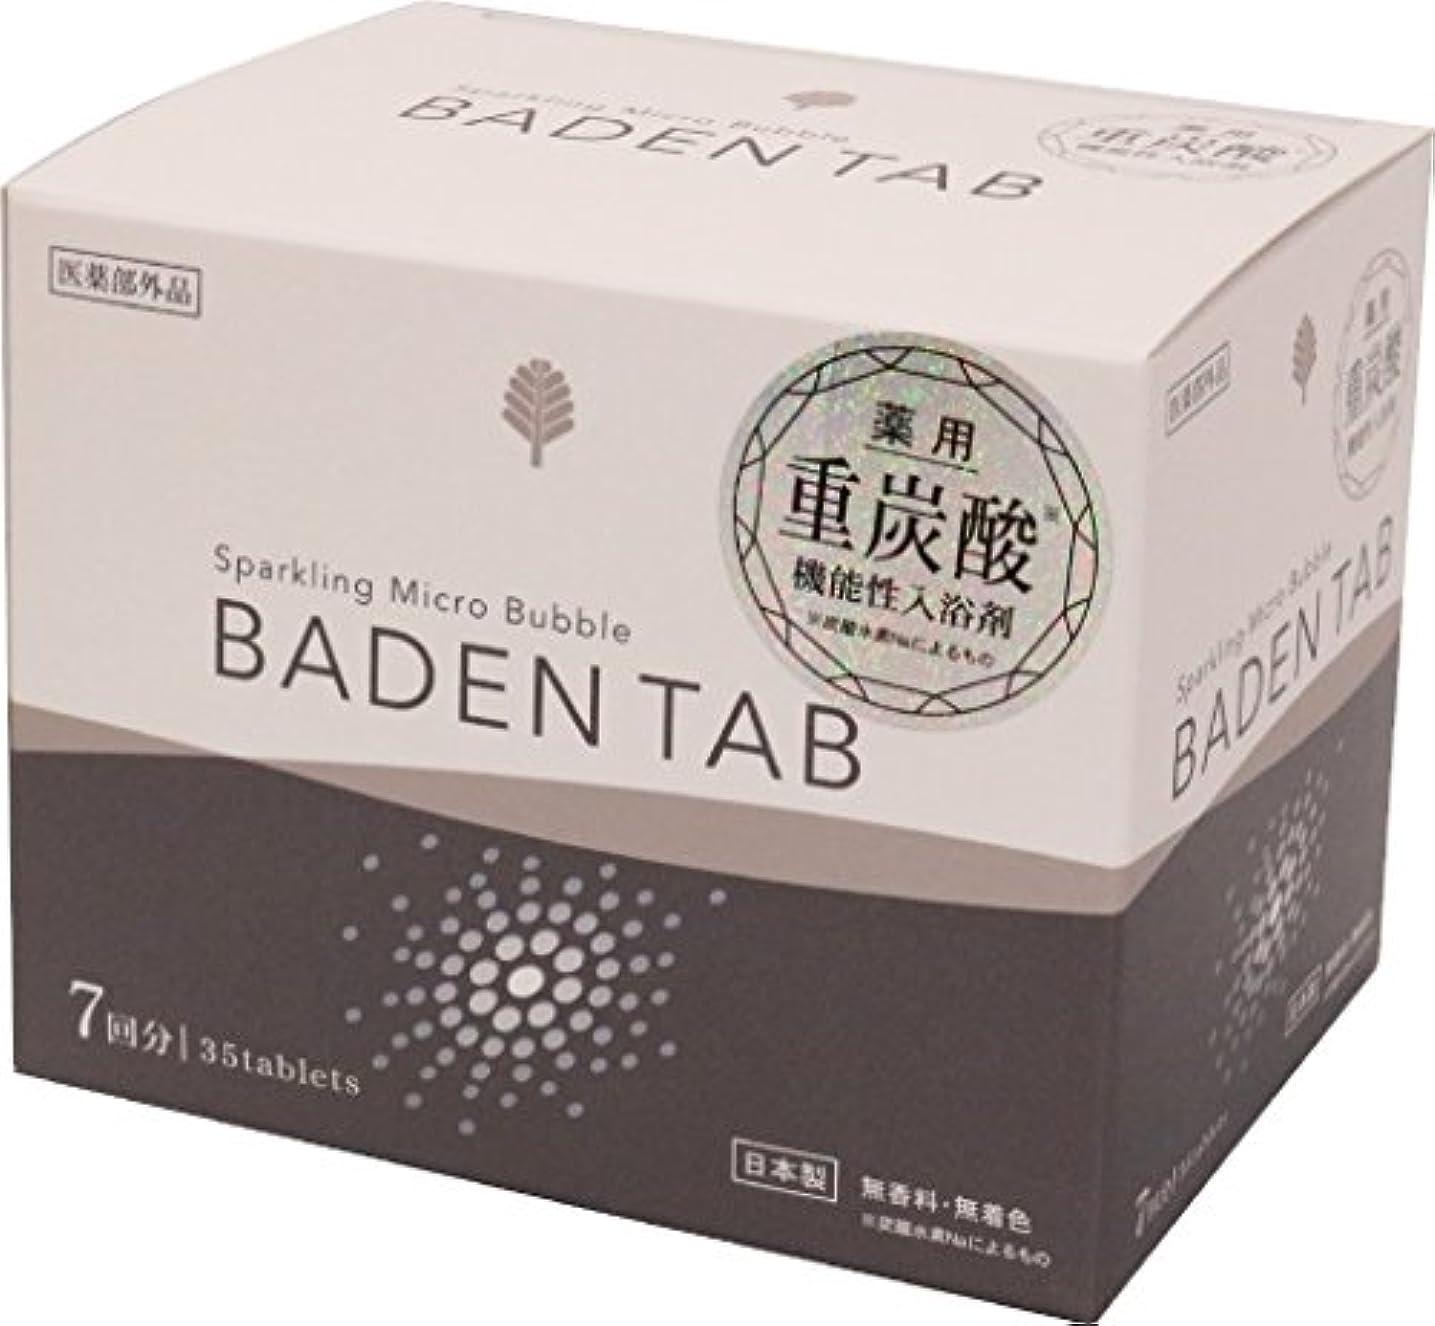 維持するルーム成分日本製 made in japan 薬用BadenTab5錠7パック15gx35錠入 BT-8756 【まとめ買い6個セット】